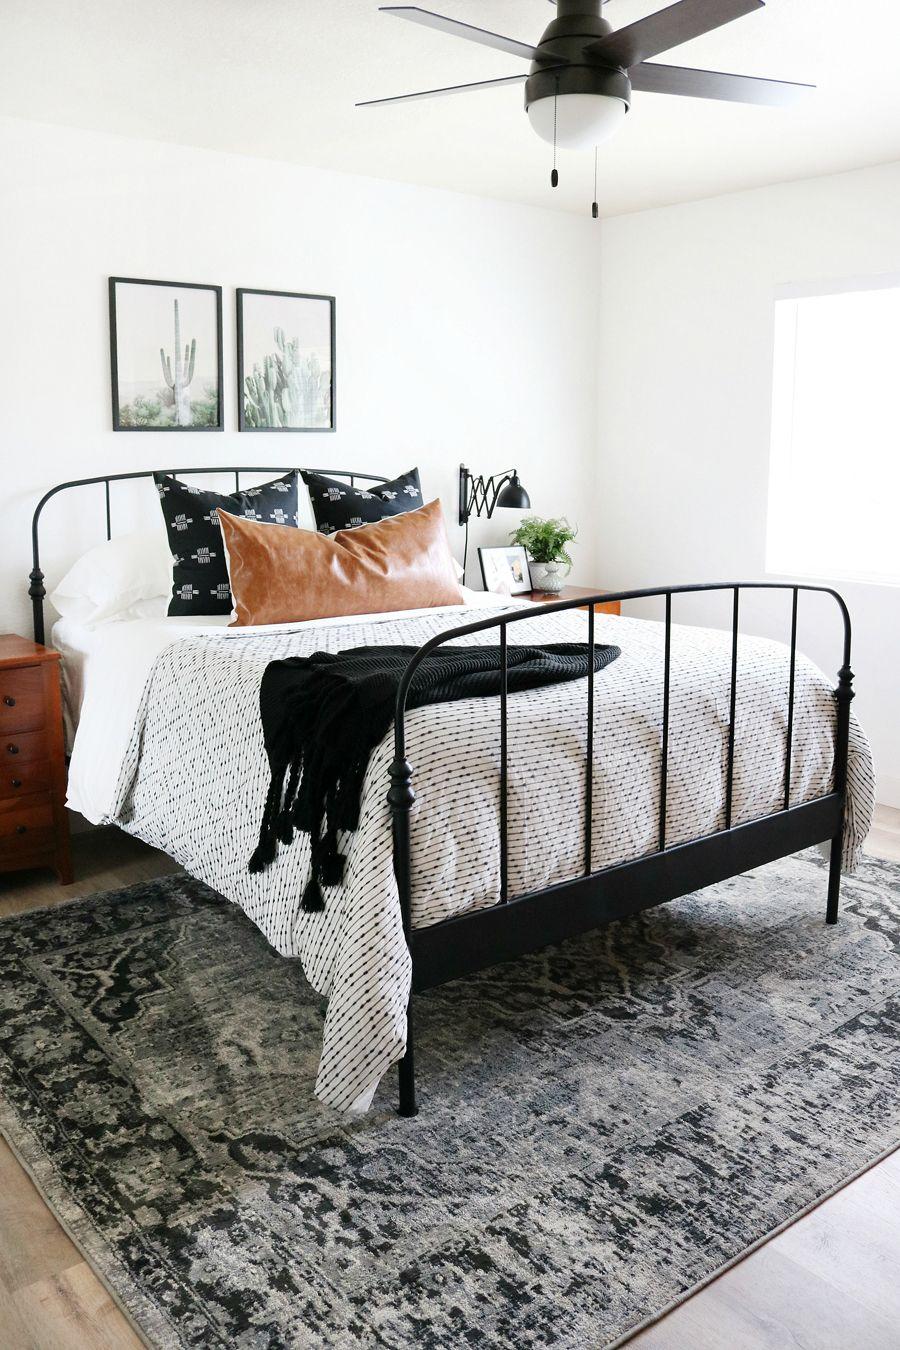 Black & White Boho Inspired Simple Bedroom Decor